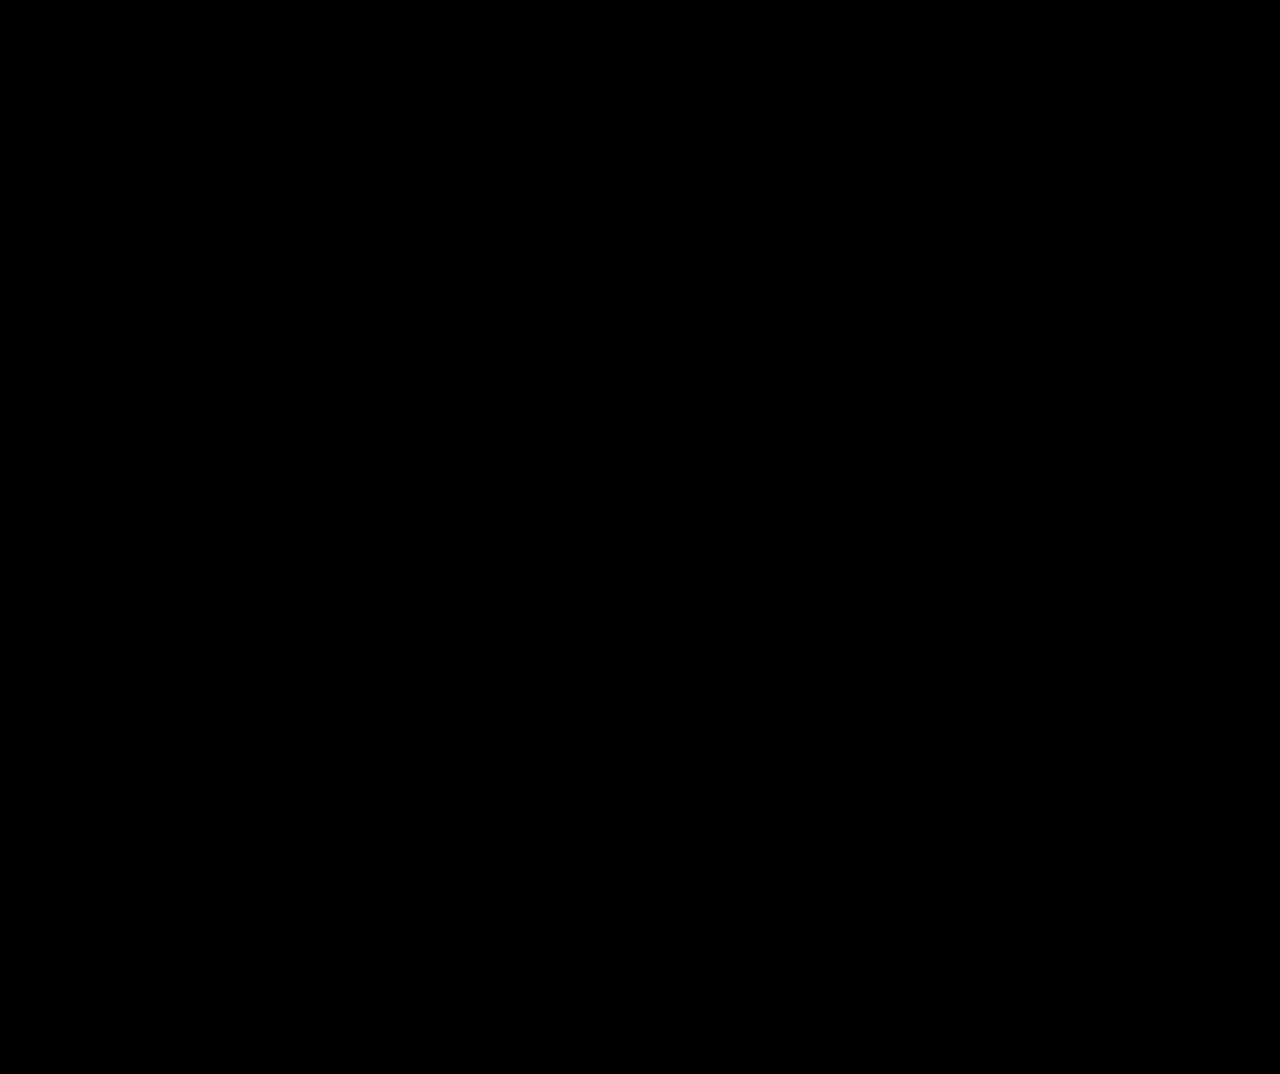 black-white-1817612_1280